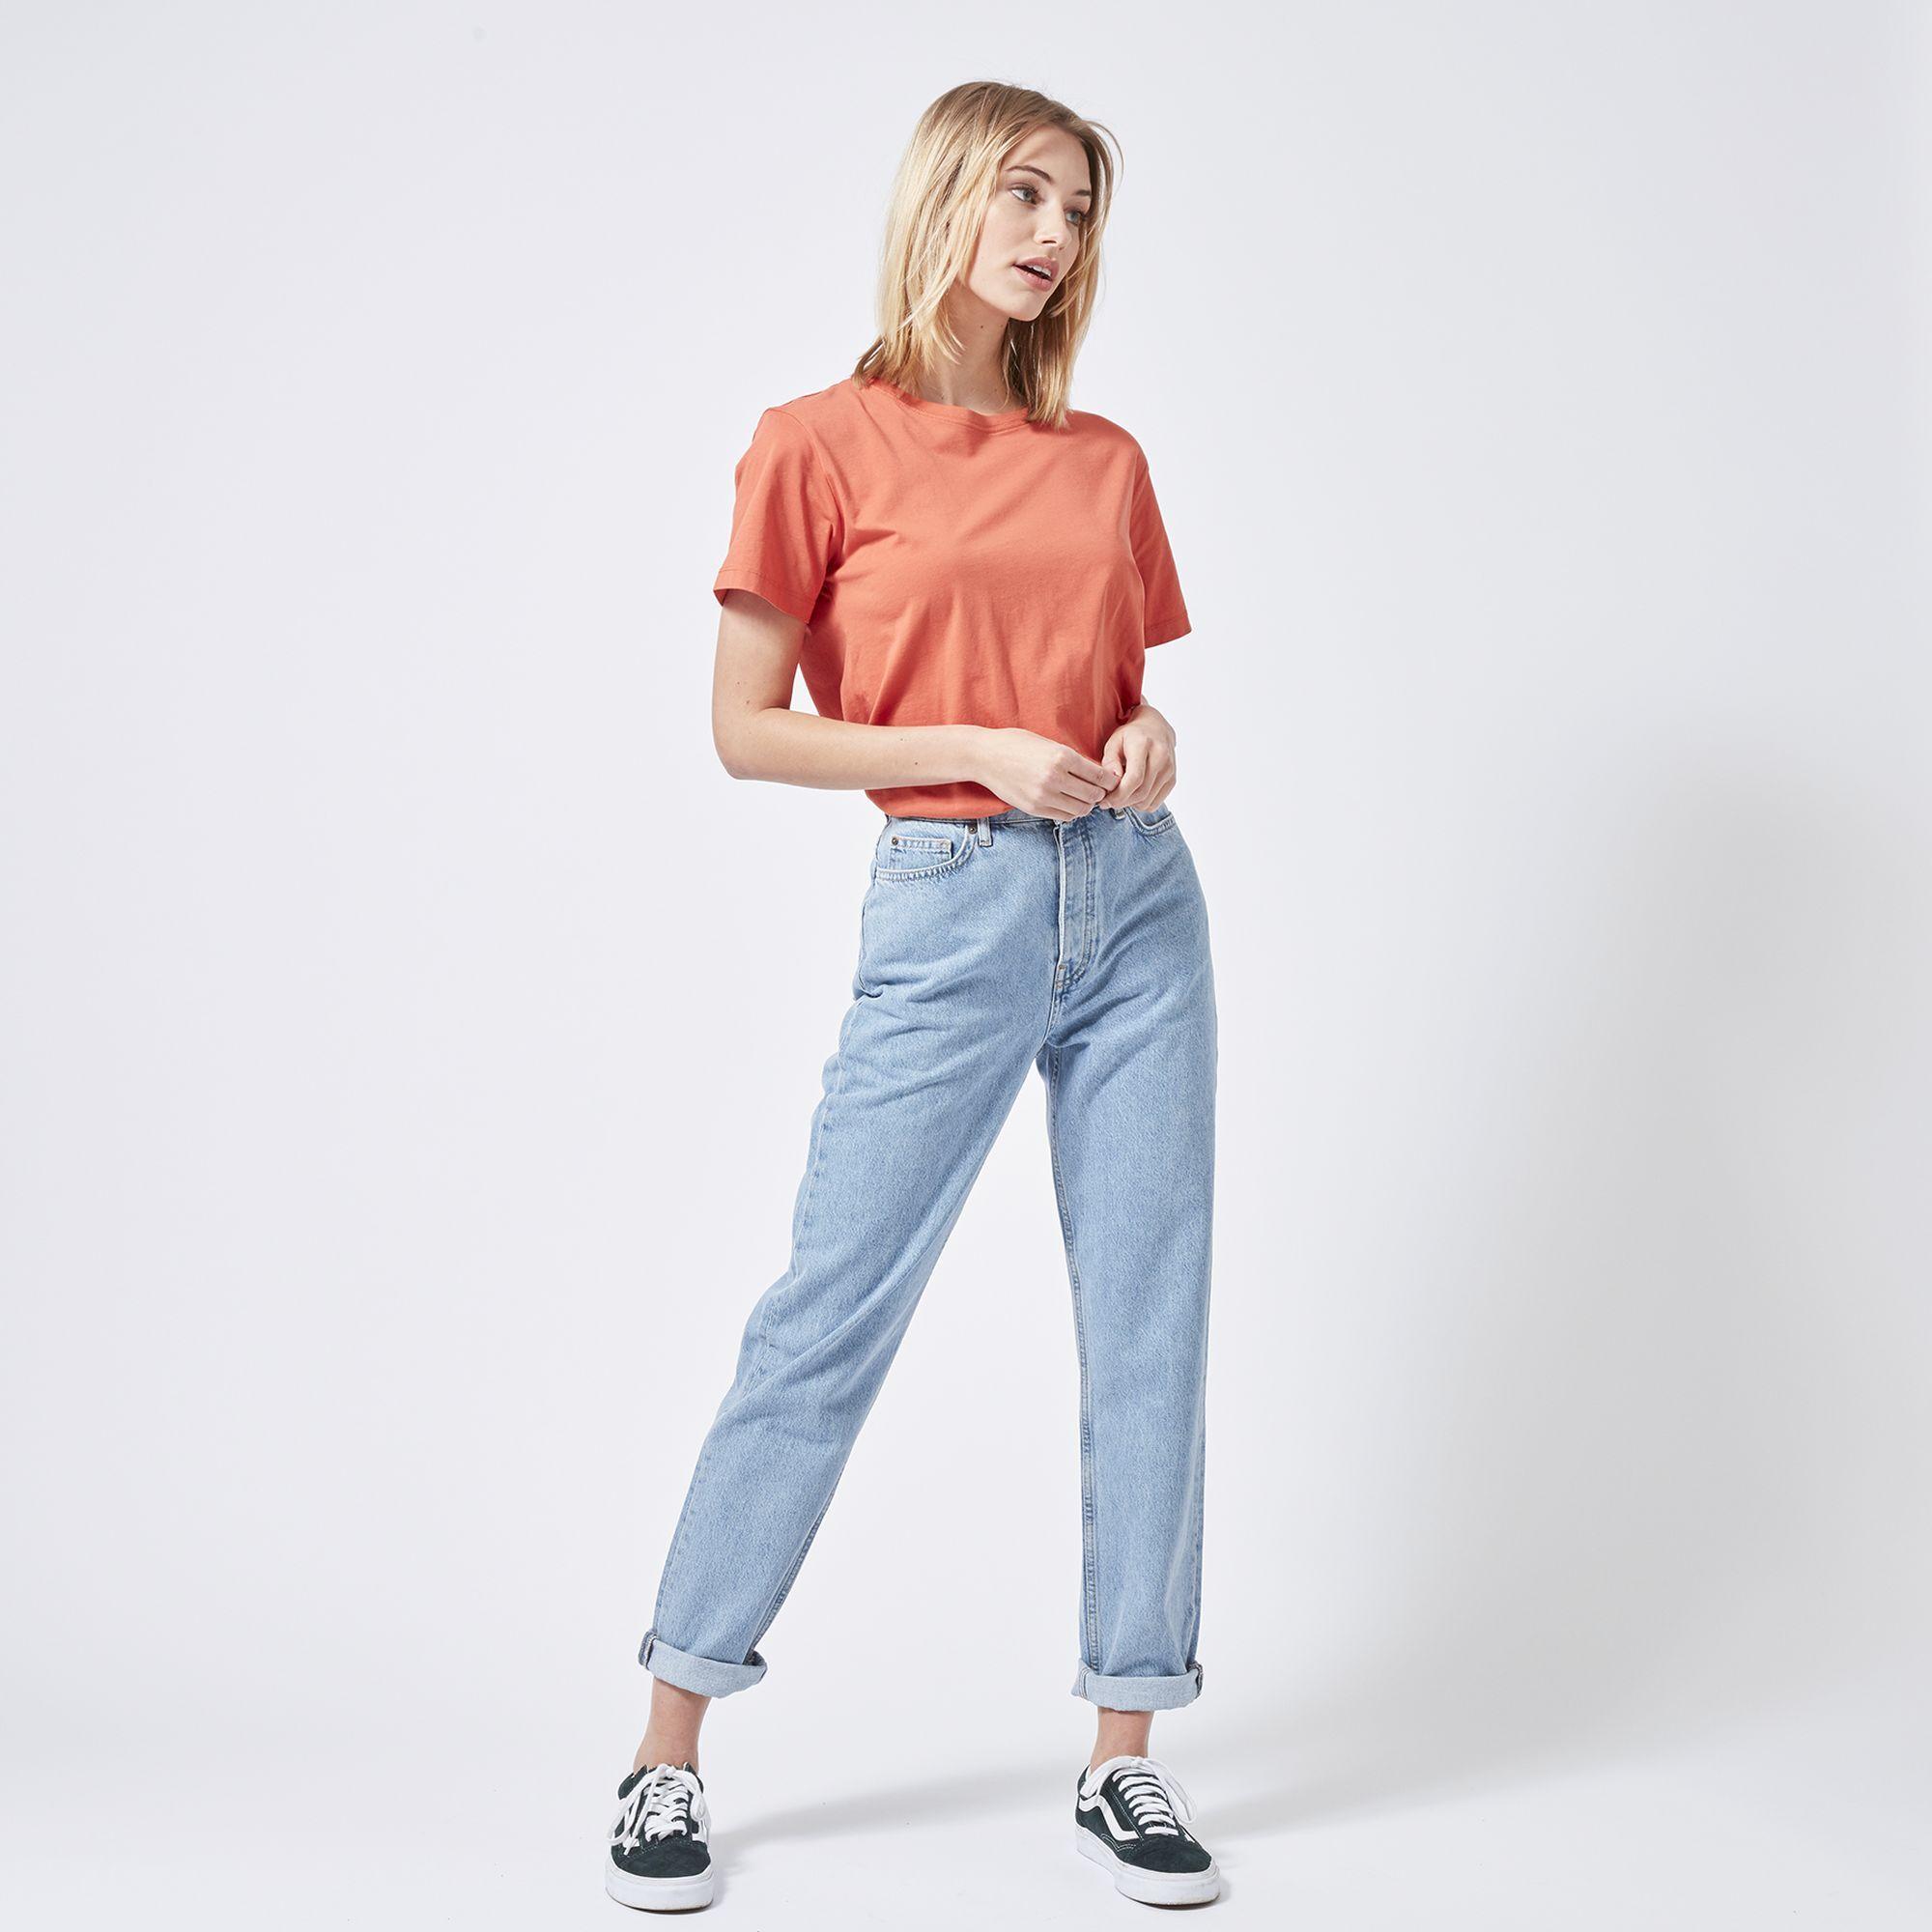 Jeans trends 2019 report: dit zijn de heetste trends voor